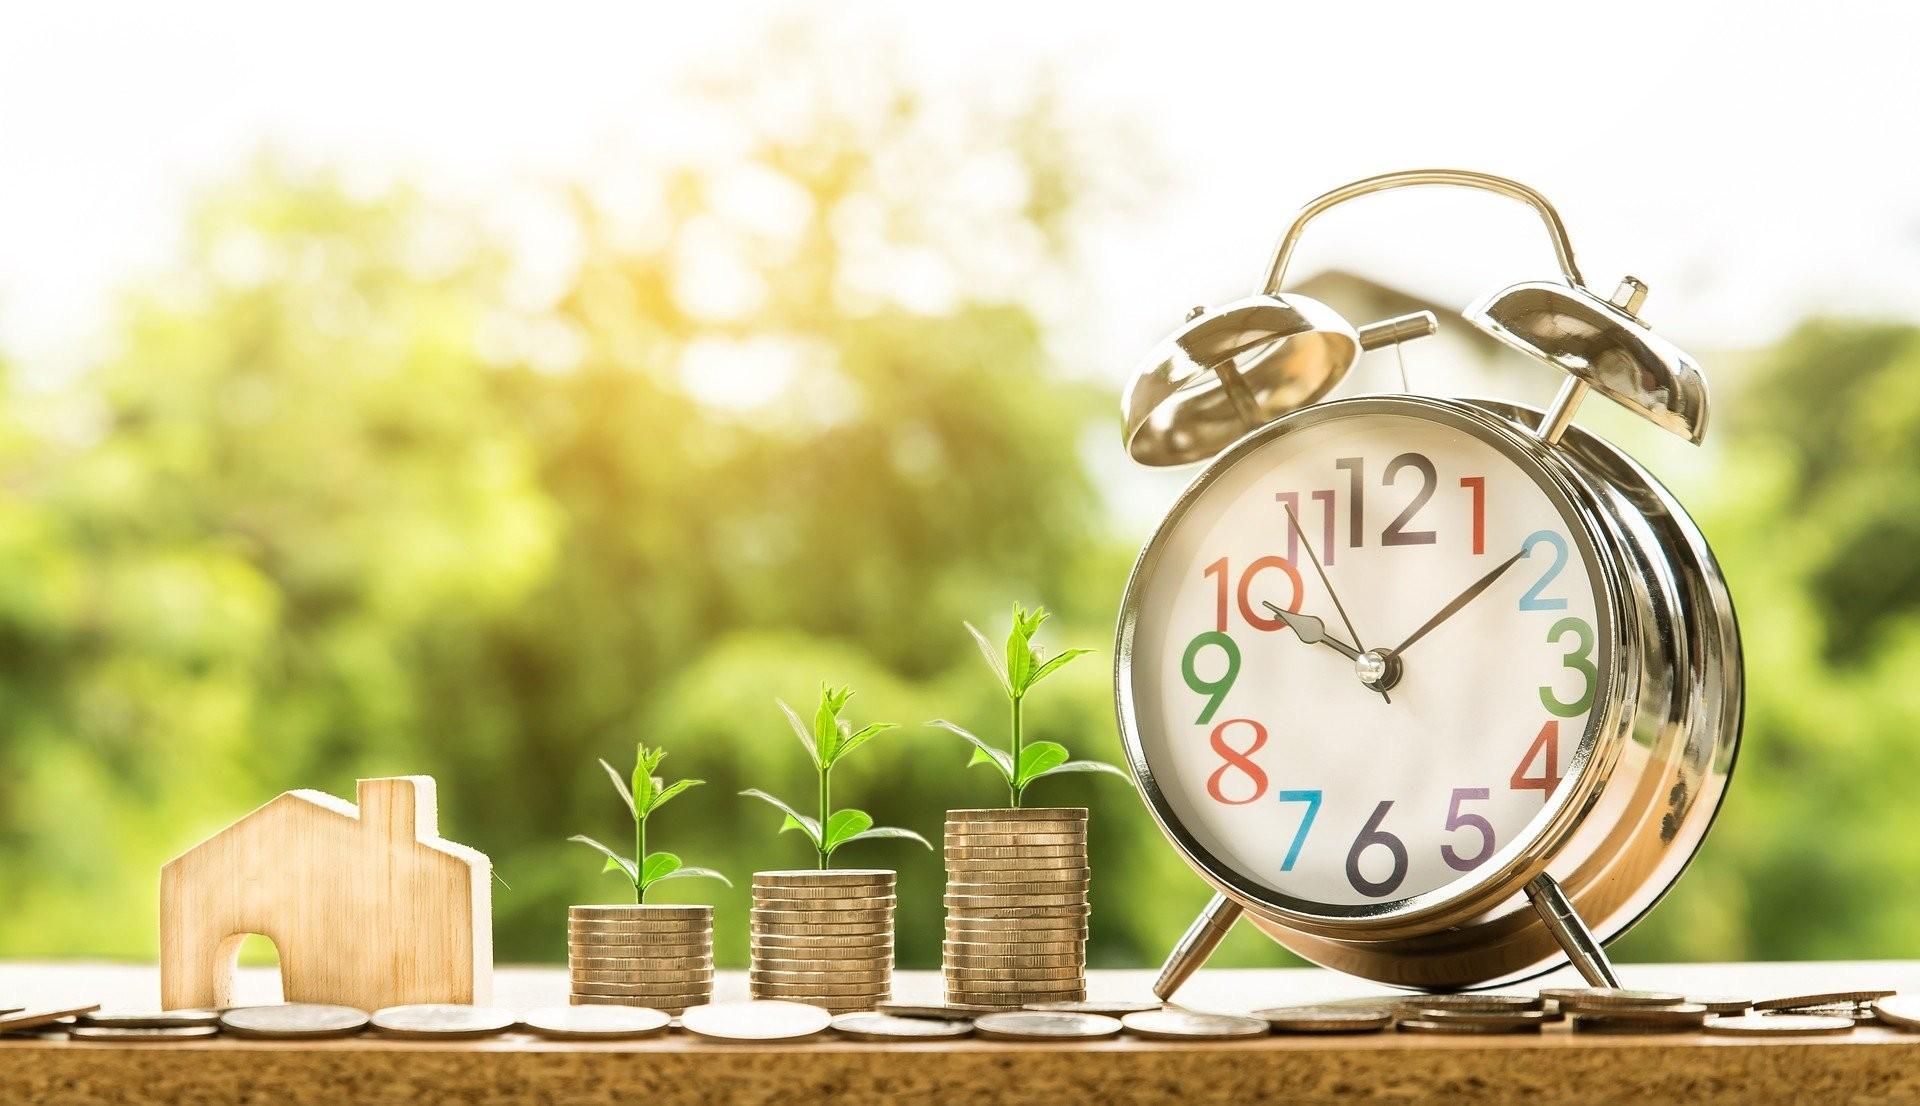 Nepýtajte sa, či je čas začať investovať. Začnite